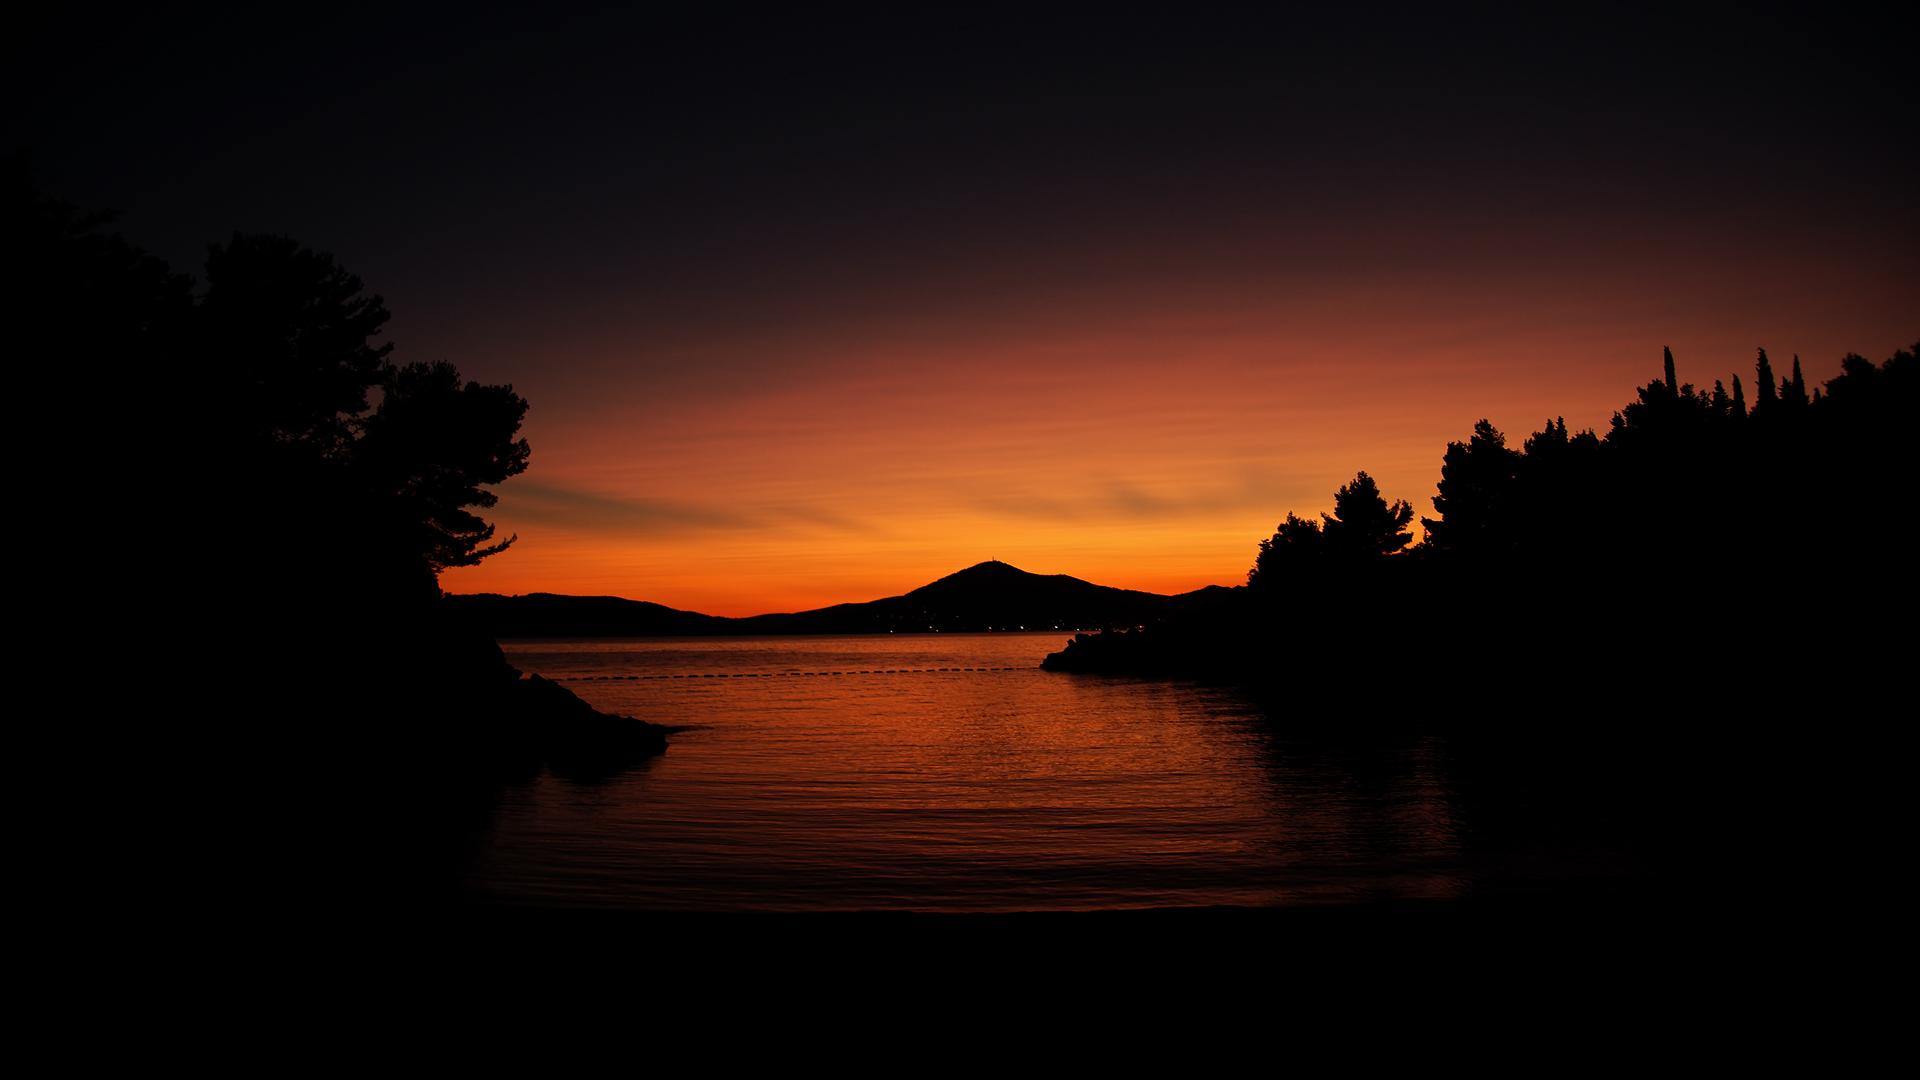 Nature Soleil Sunset Levers Ecran Full HD desktop wallpaper 1920x1080